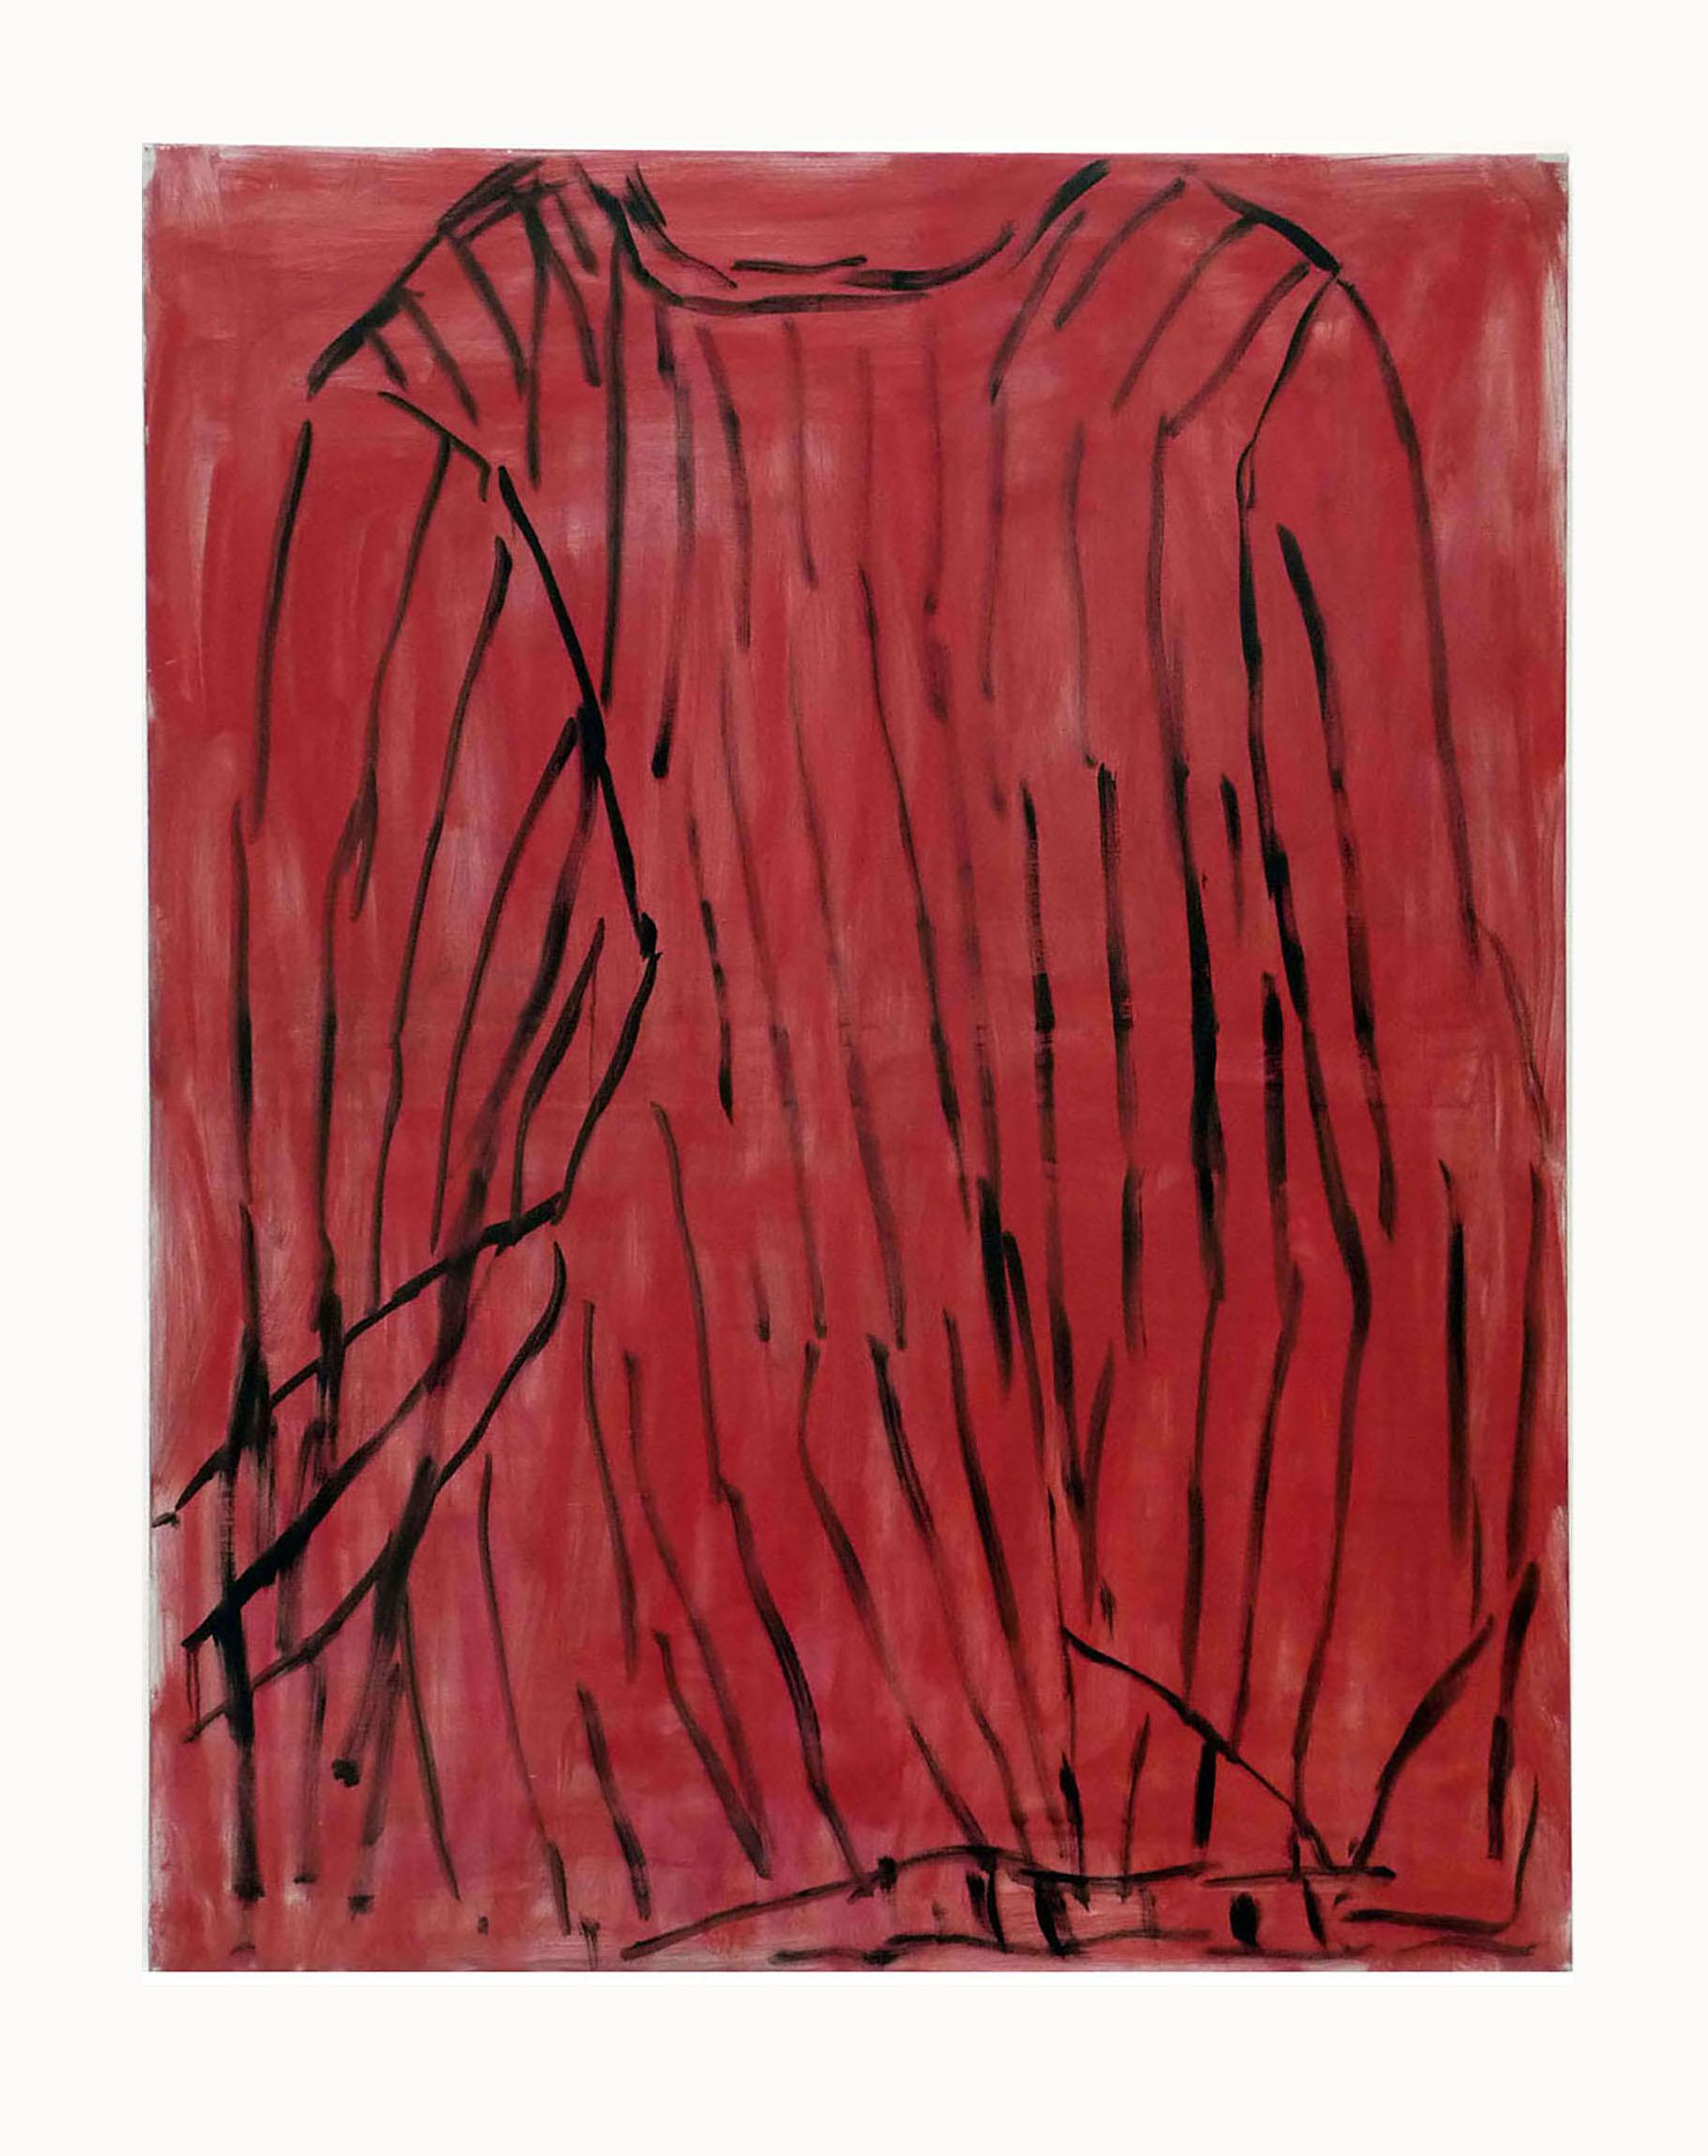 08-le pull rouge dans l'atelier-2011-huile sur toile-146x114cm